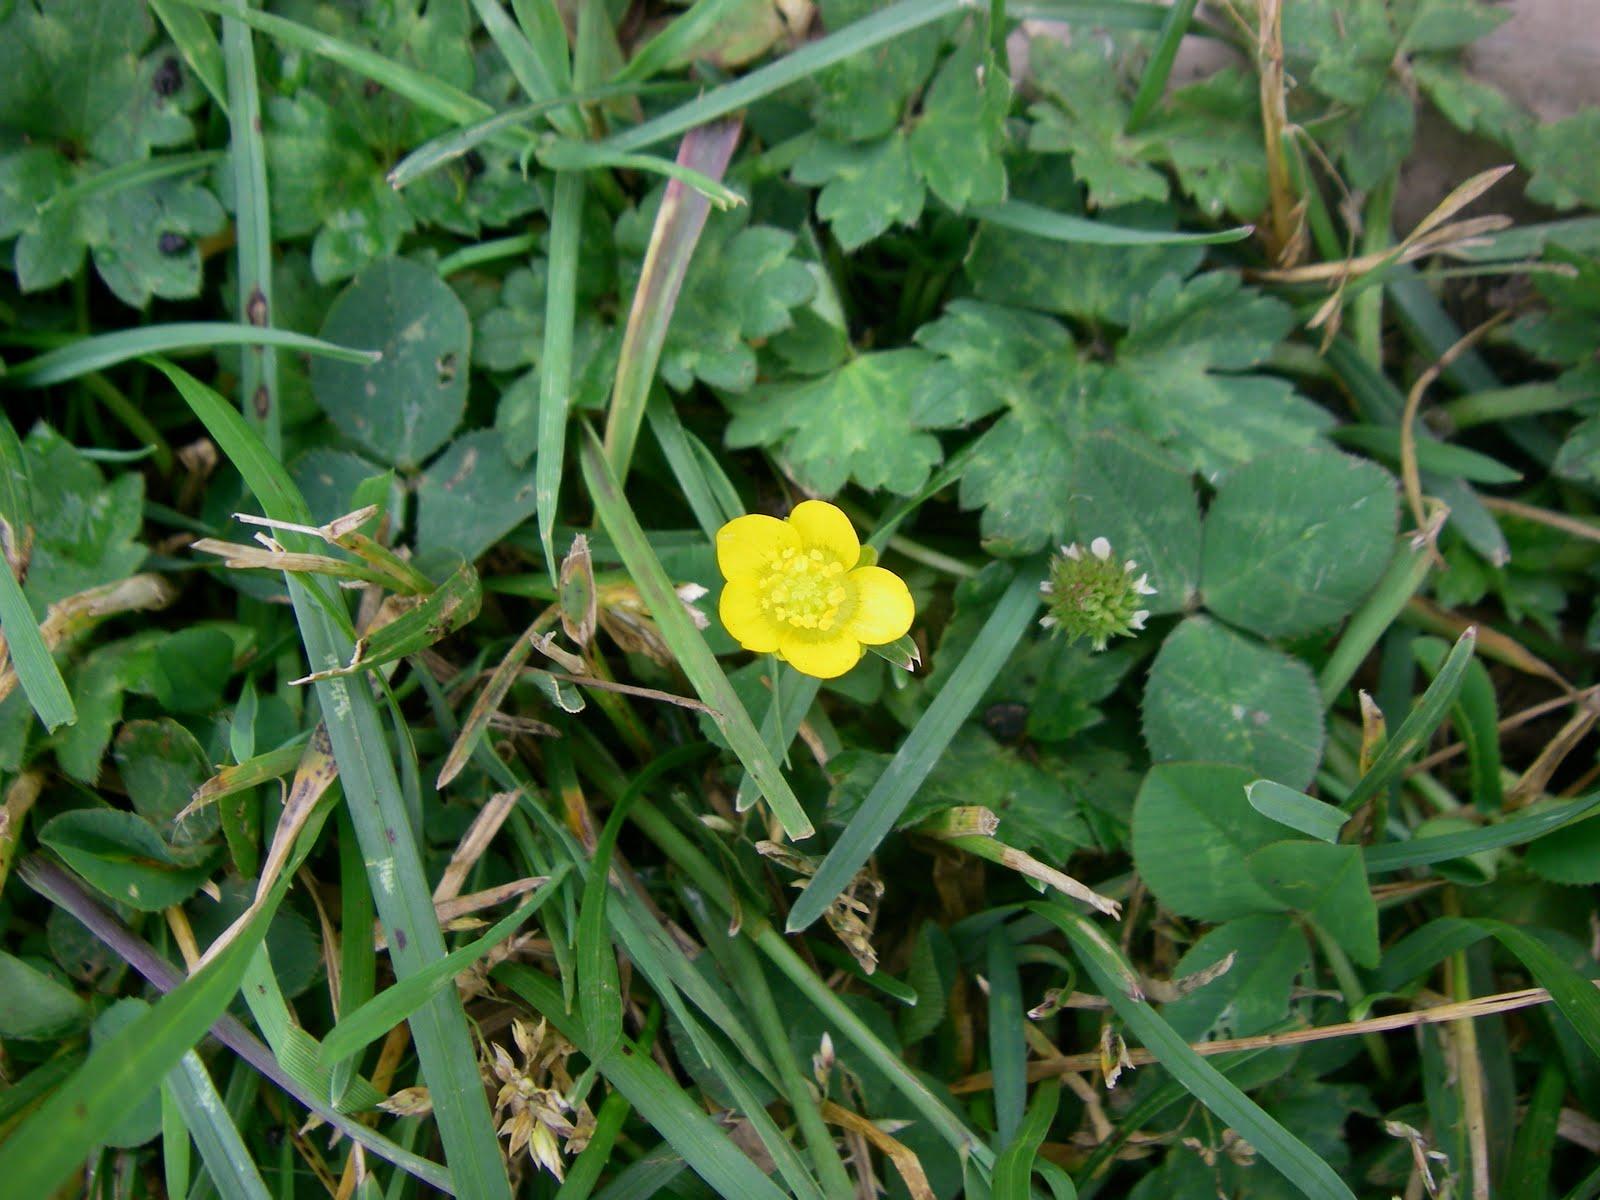 L 39 colo gonflable quelle est donc cette fleur jaune - Identifier mauvaise herbe gazon ...